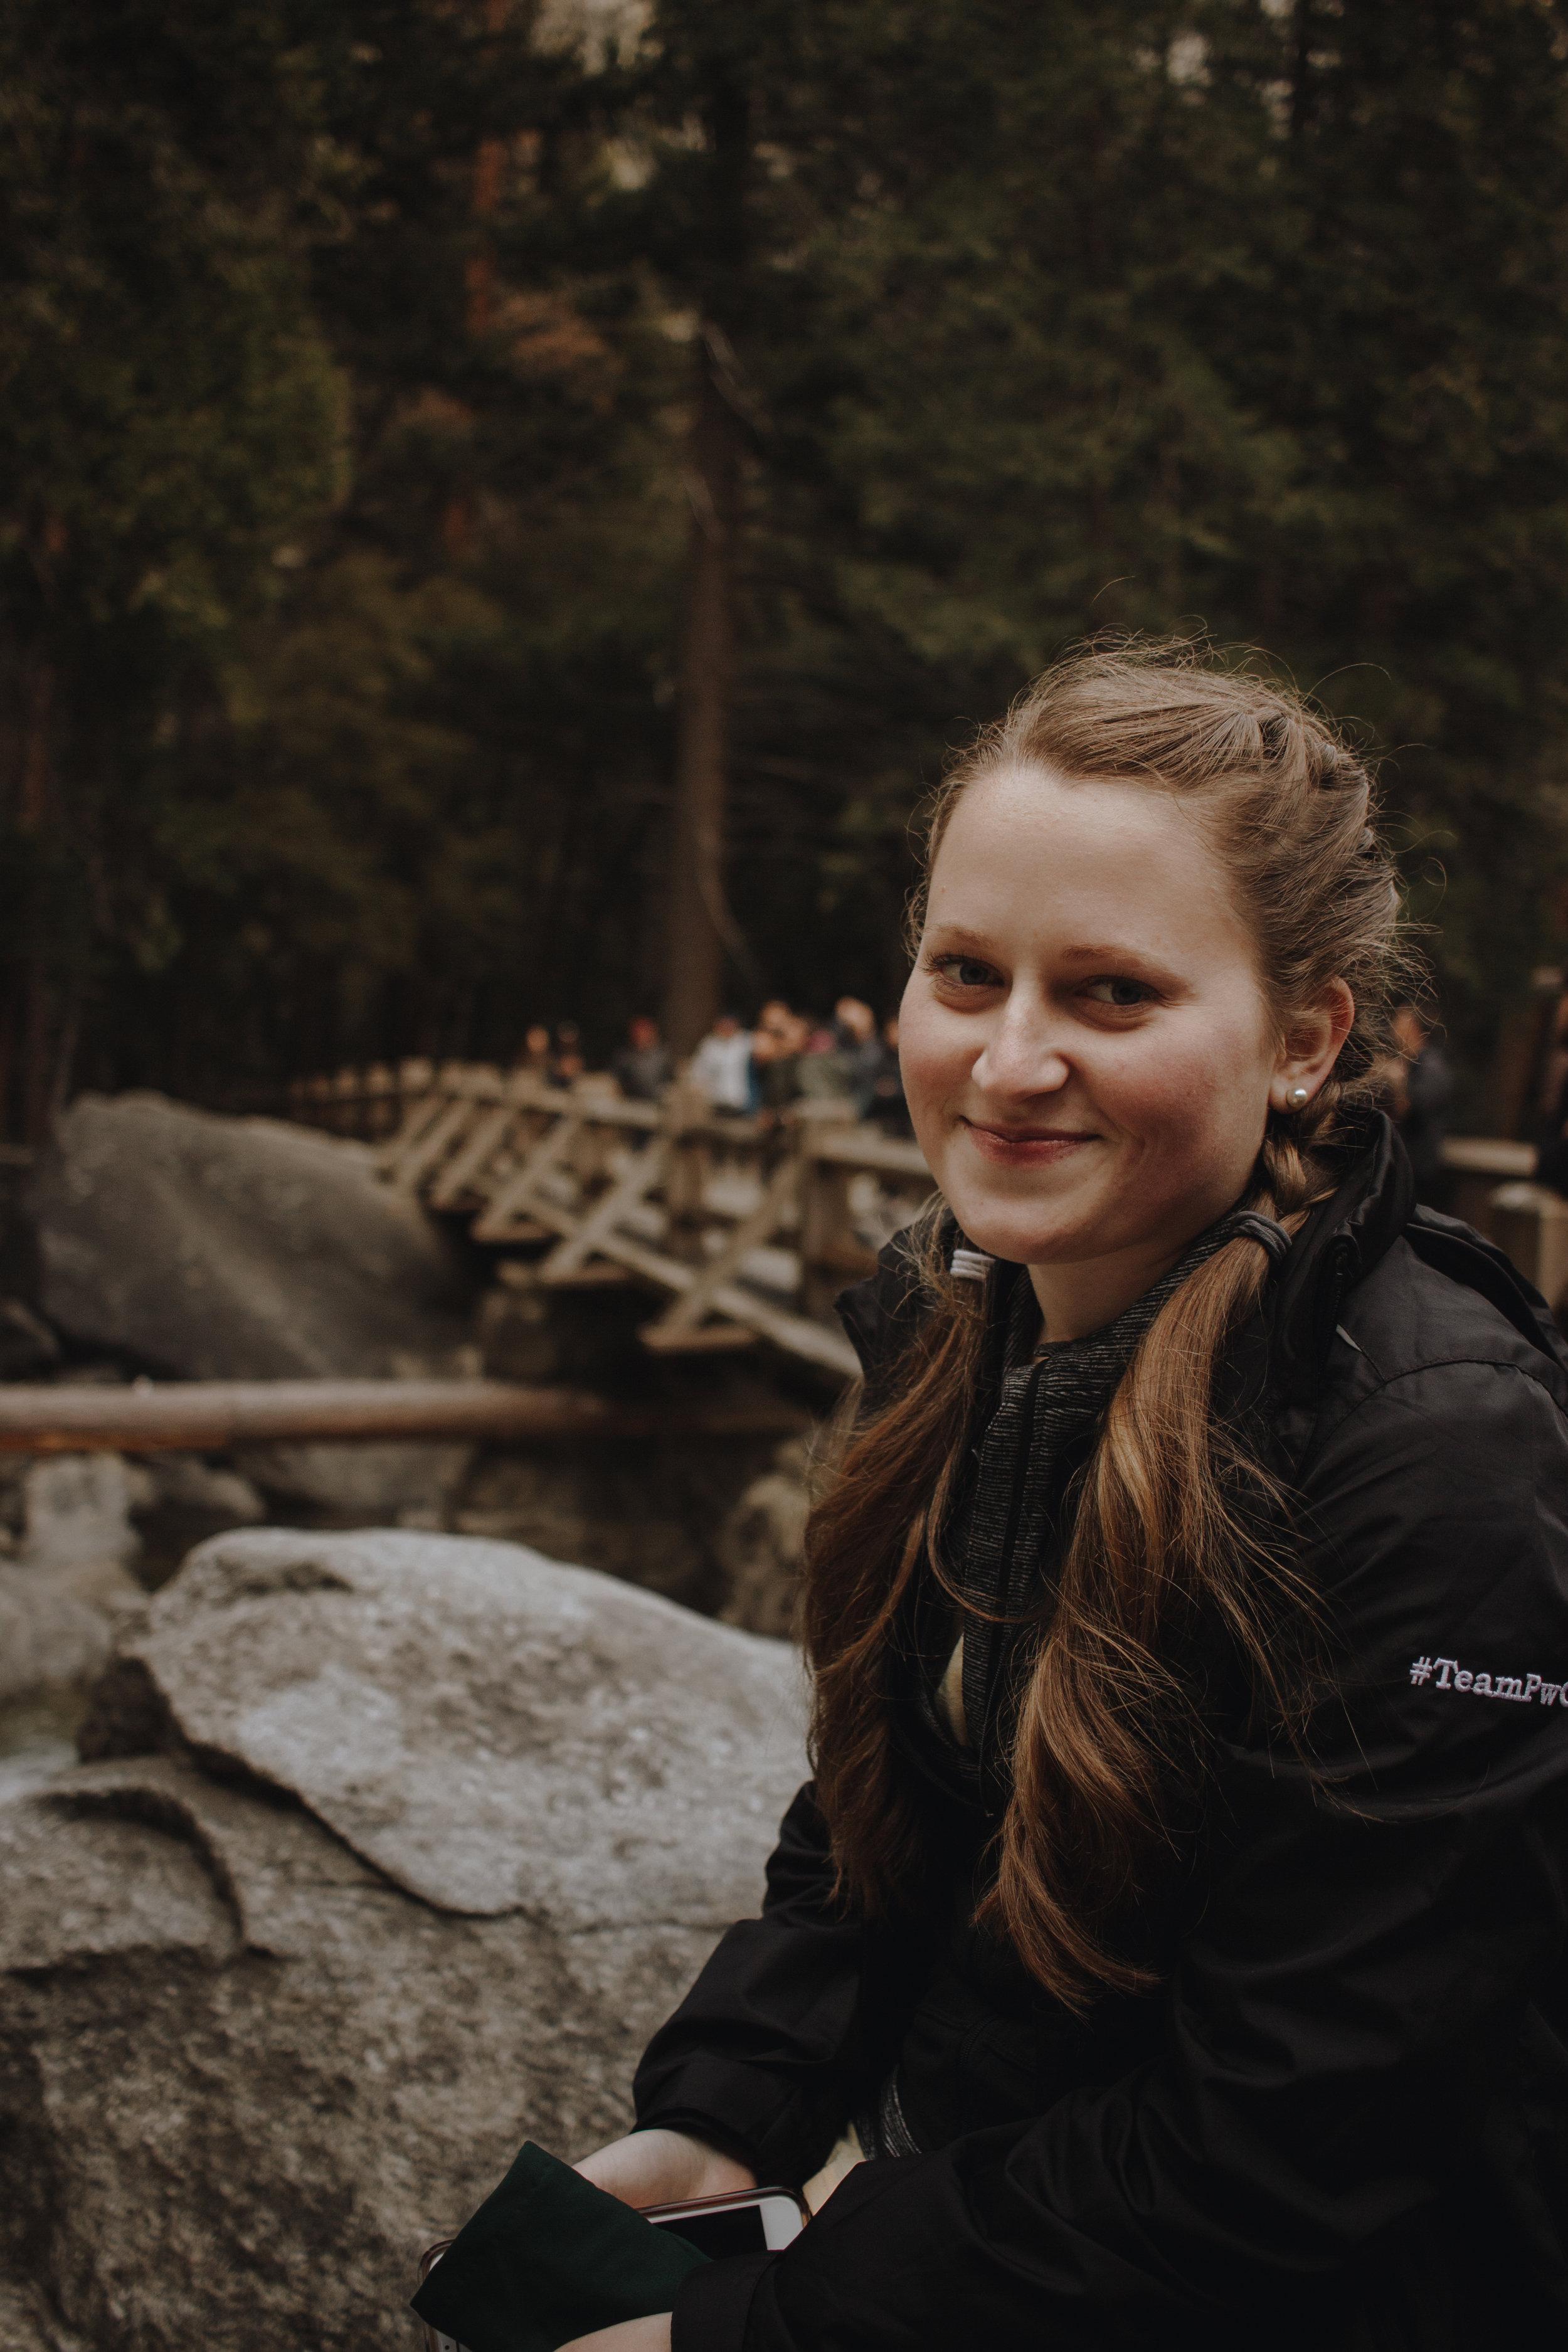 Lower Yosemite Falls + Jen